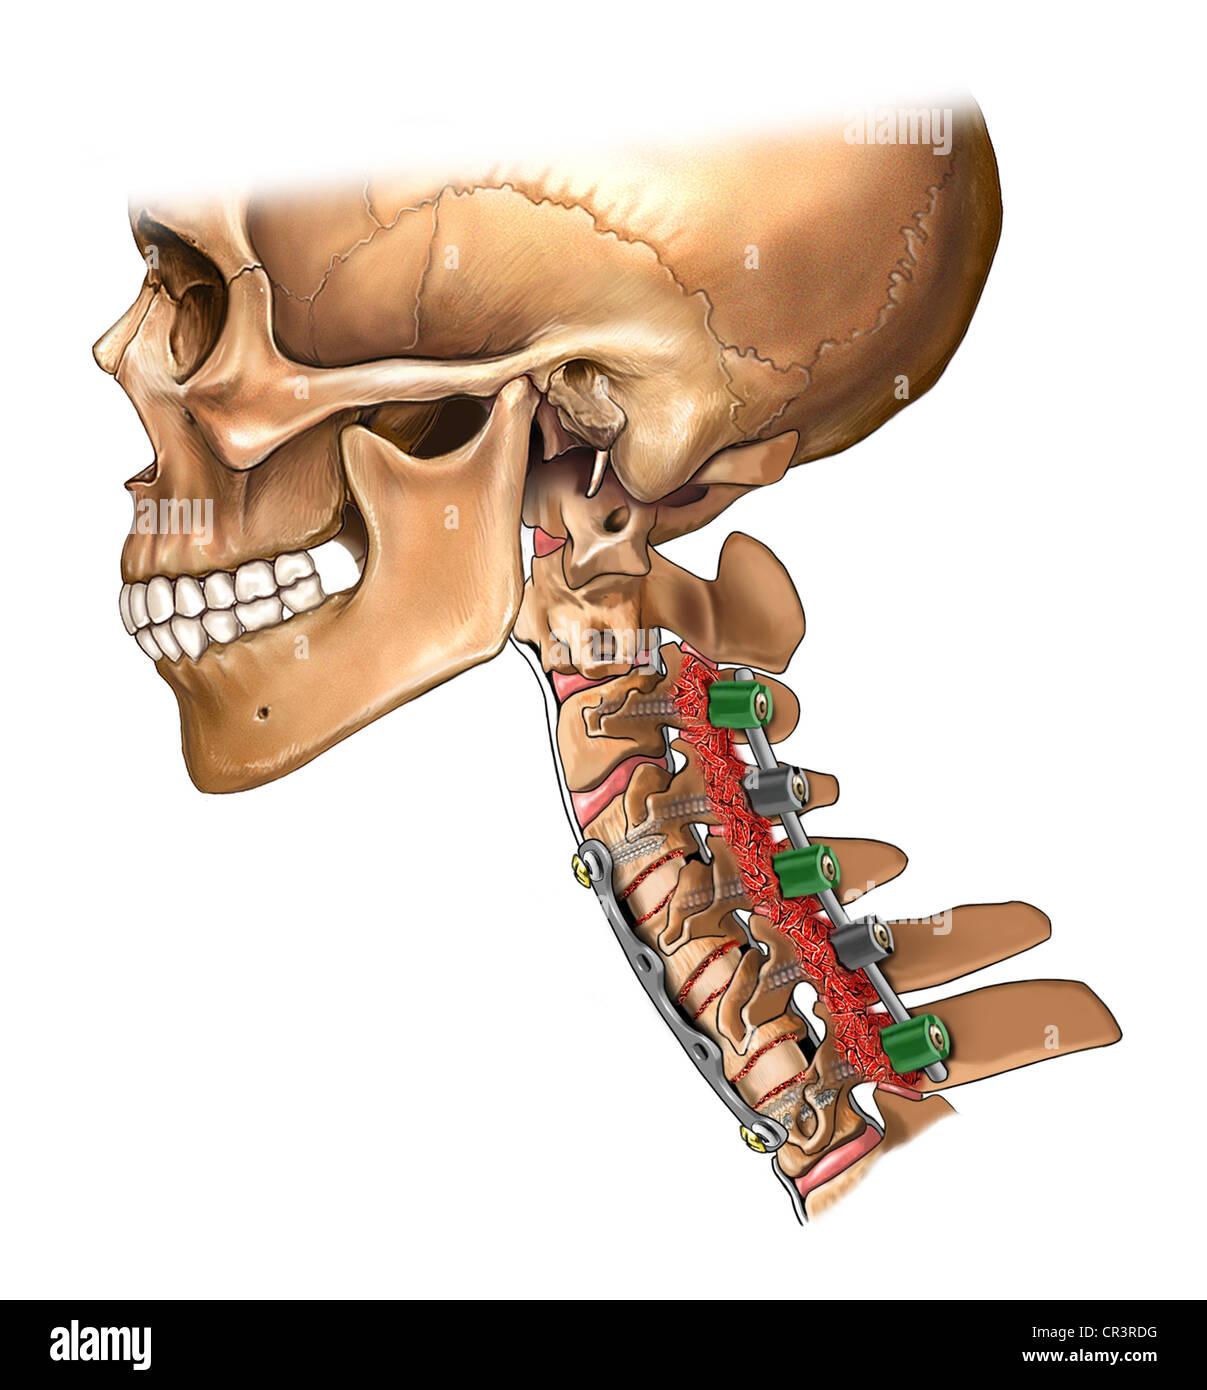 Ausgezeichnet Zervikale Knochen Zeitgenössisch - Menschliche ...